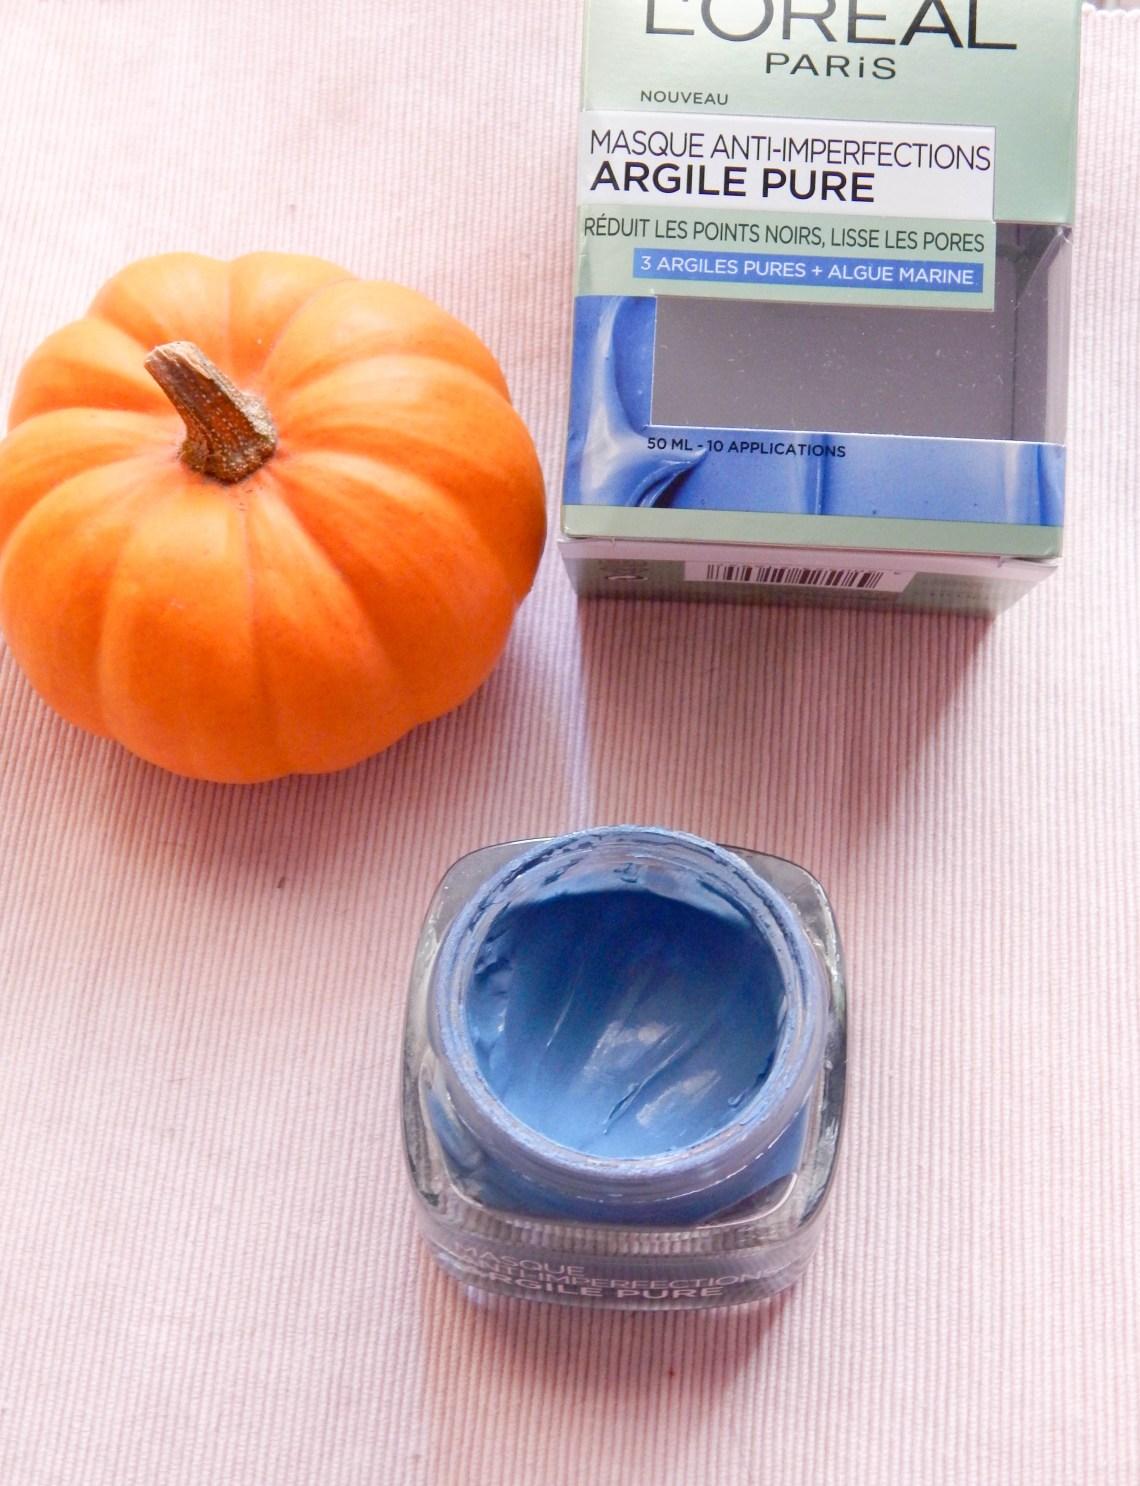 DSCN3438 - Masque à l'argile pure anti-imperfections de L'Oréal